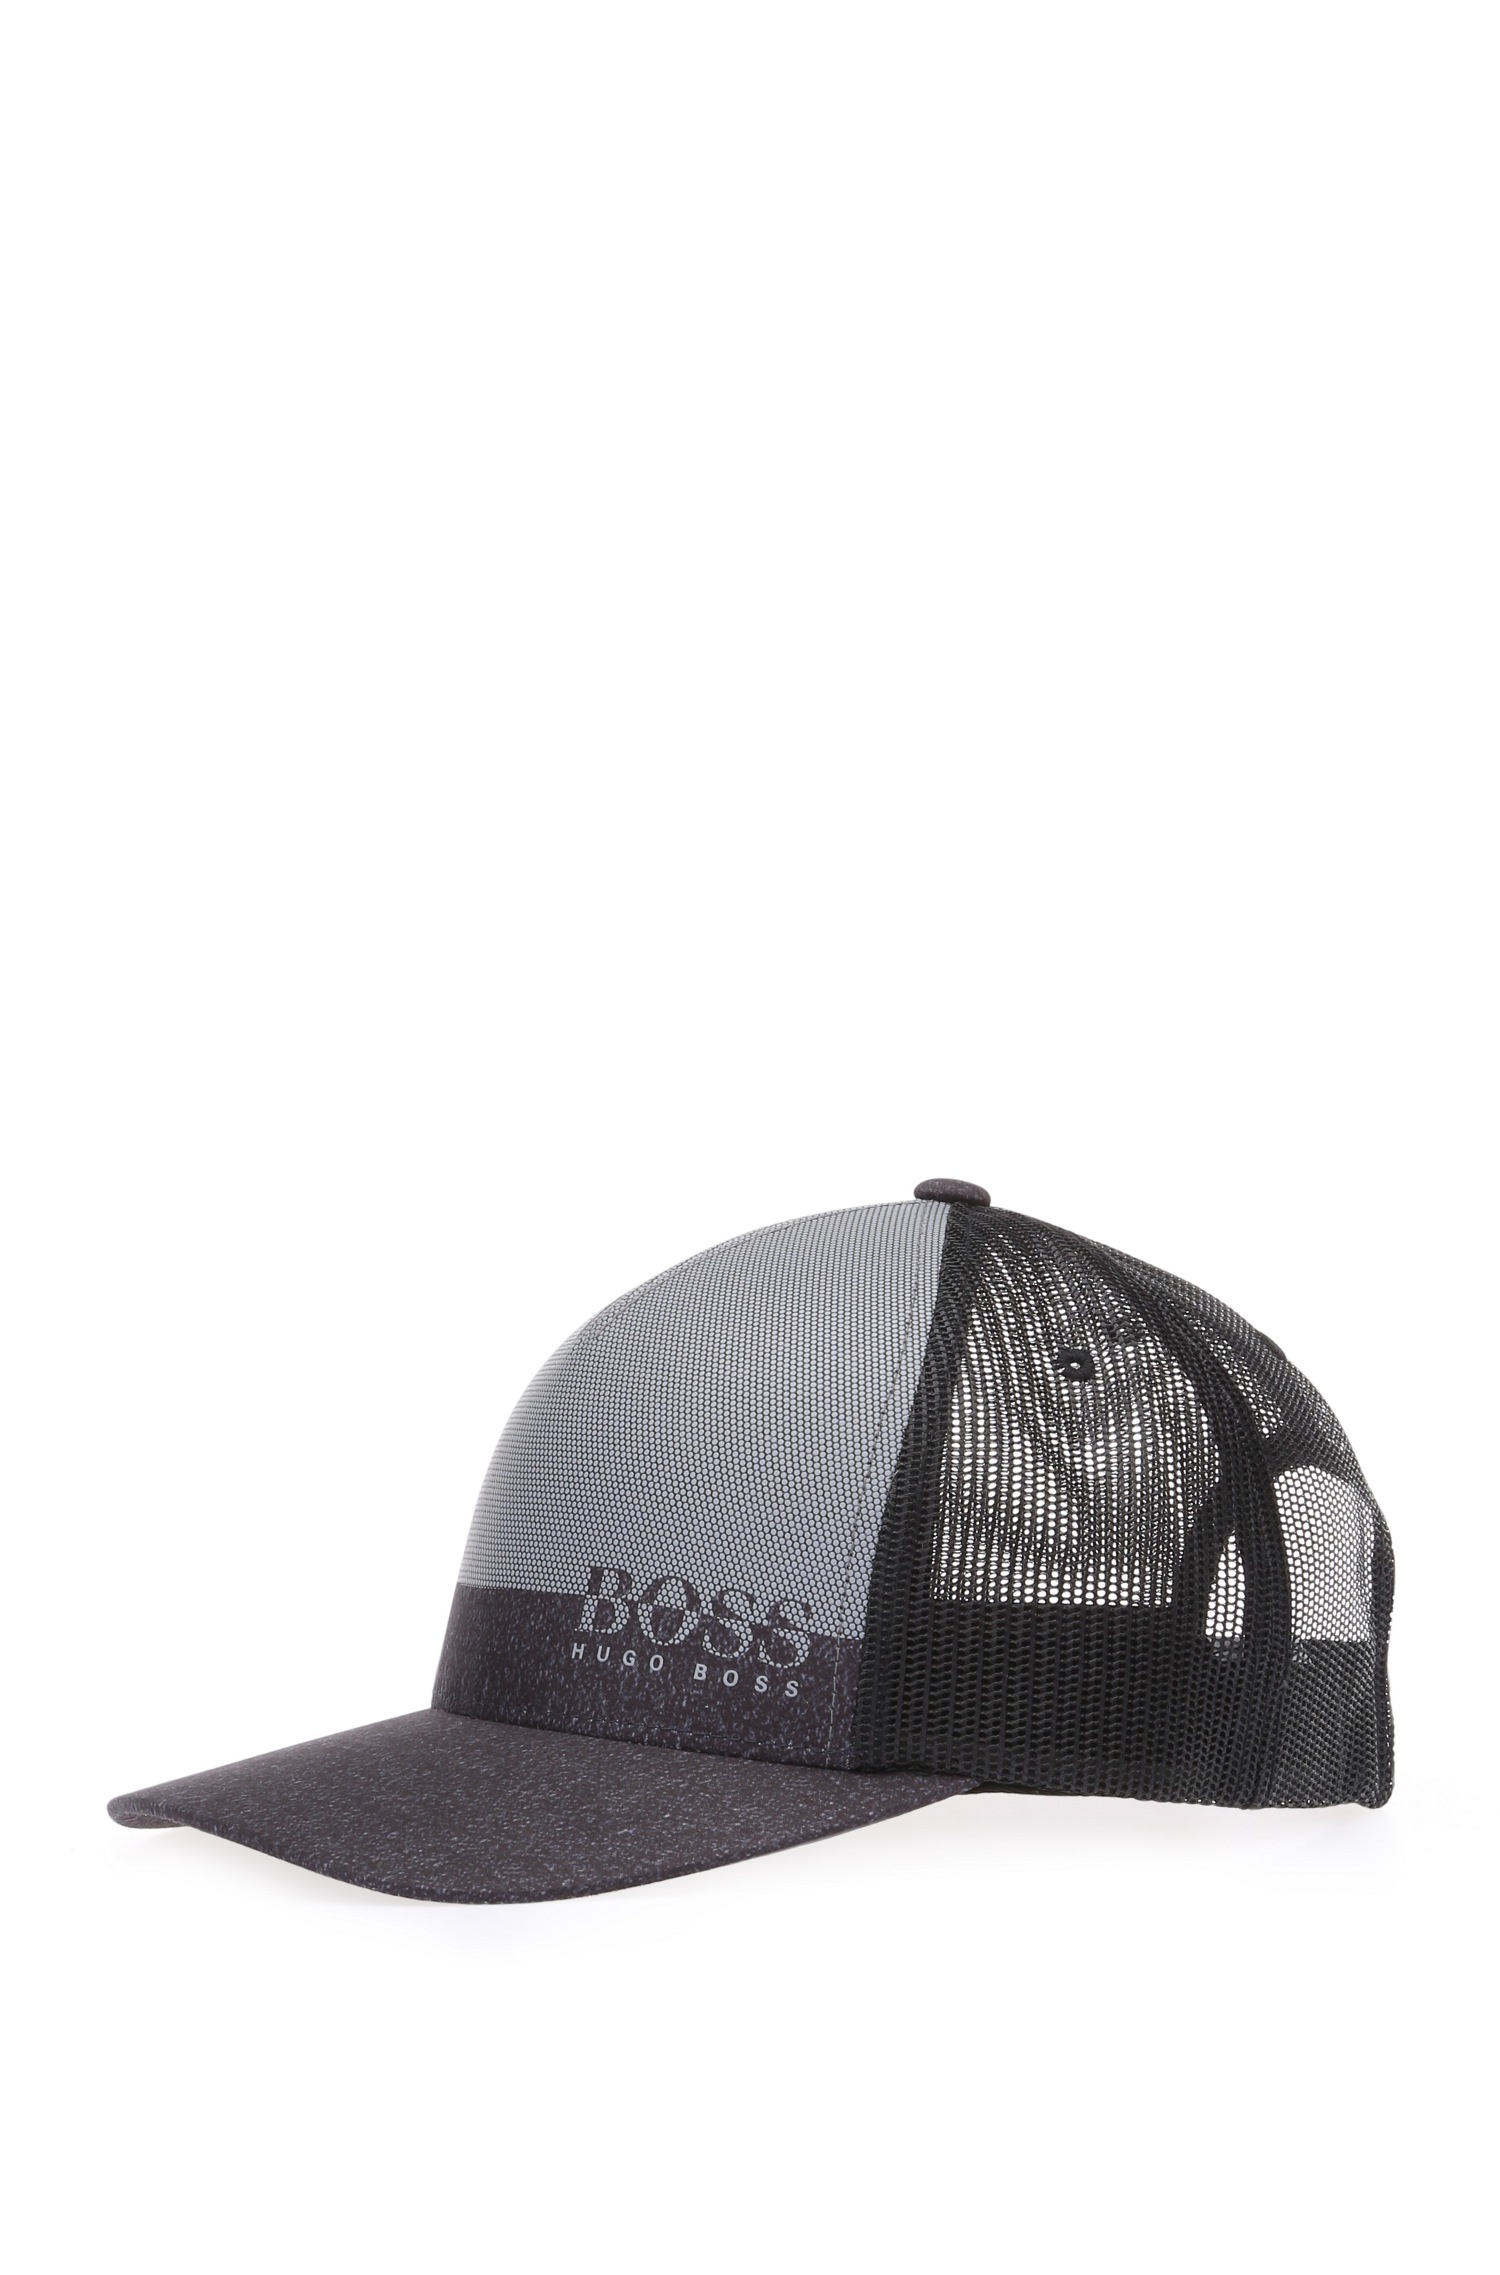 75c02299 BOSS Green '3d Print Cap' | Vented Baseball Cap in Black for Men - Lyst